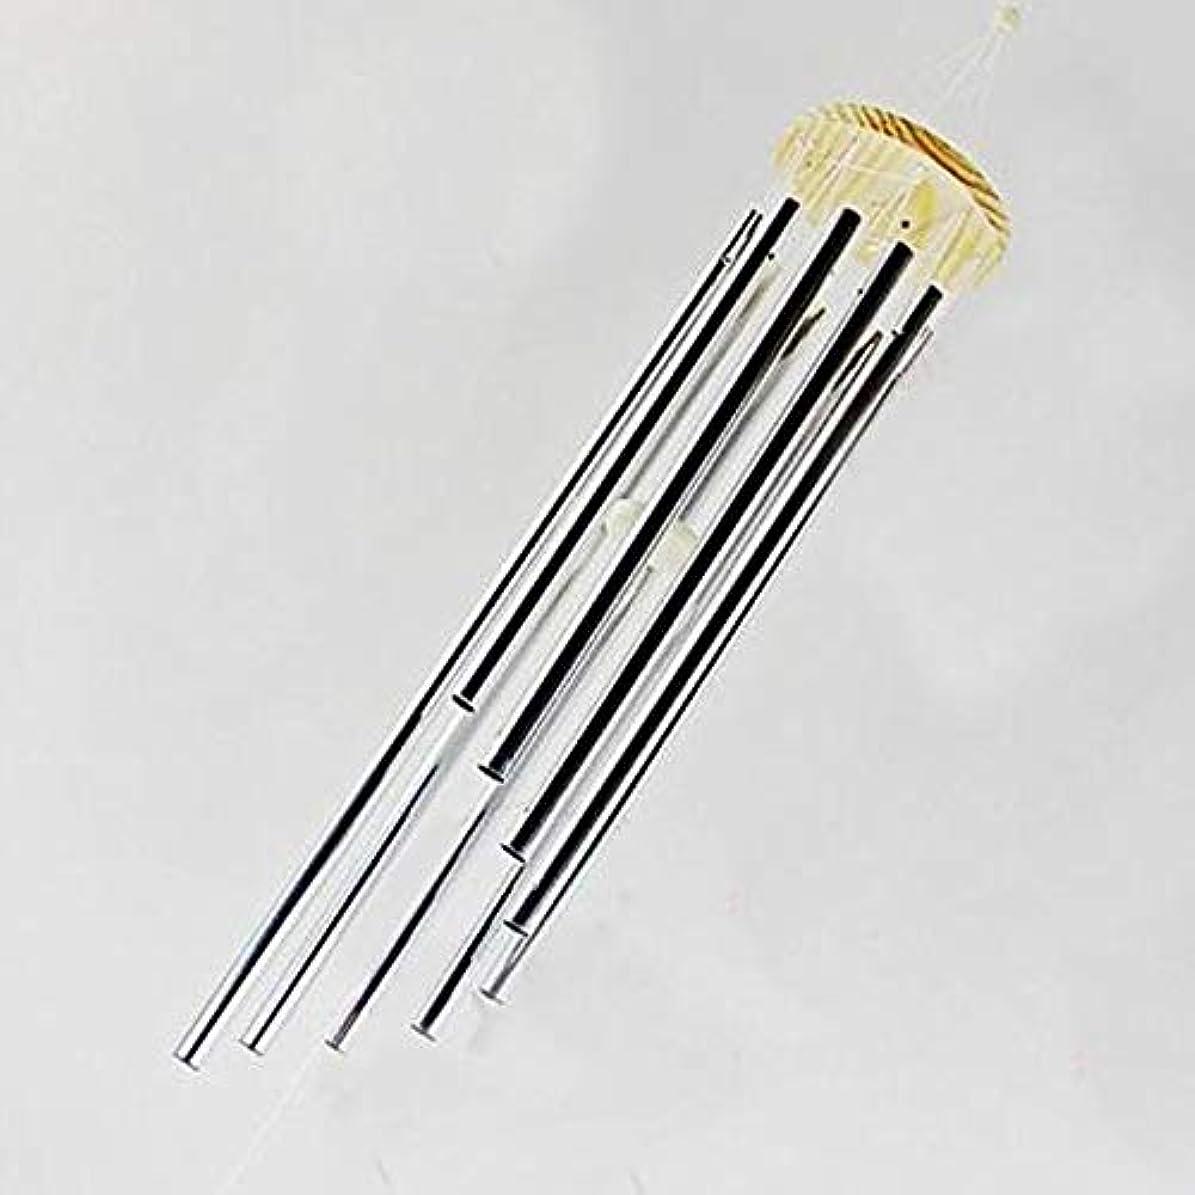 超音速抑圧シフトJingfengtongxun 風チャイム、メタル風チャイム9本のチューブ、シルバー、90CMについて全身をハンギング,スタイリッシュなホリデーギフト